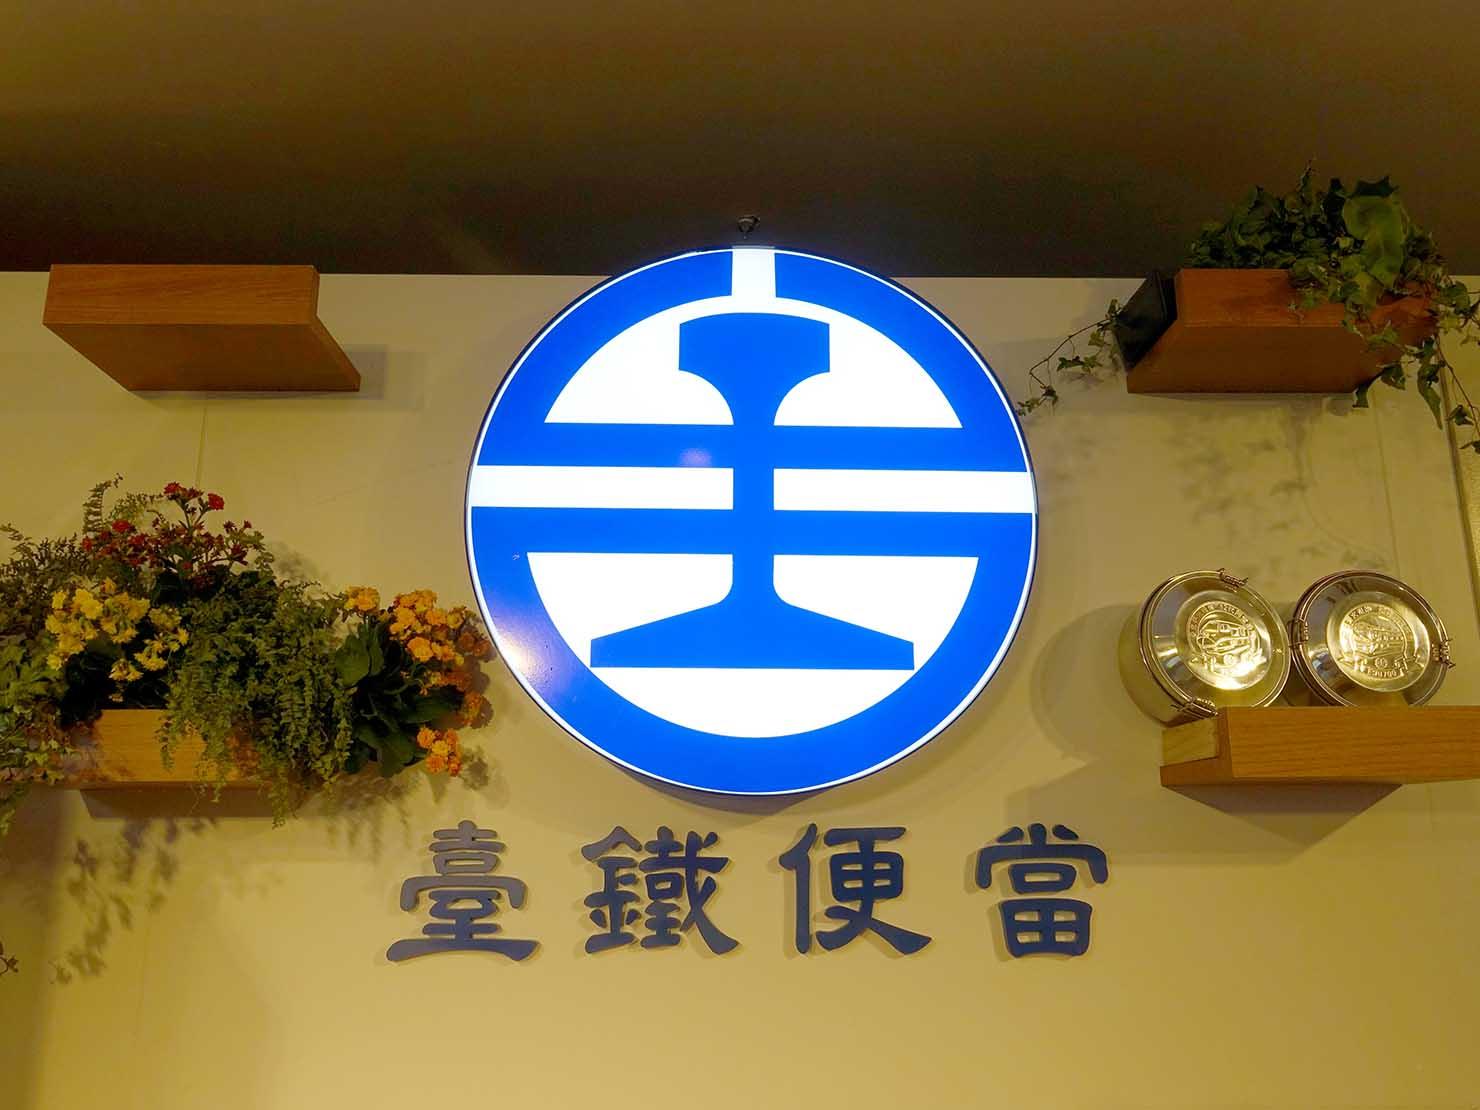 台北駅構内にある台湾版鉄道弁当のお店「台鐵便當本舗」に掲げられたロゴ